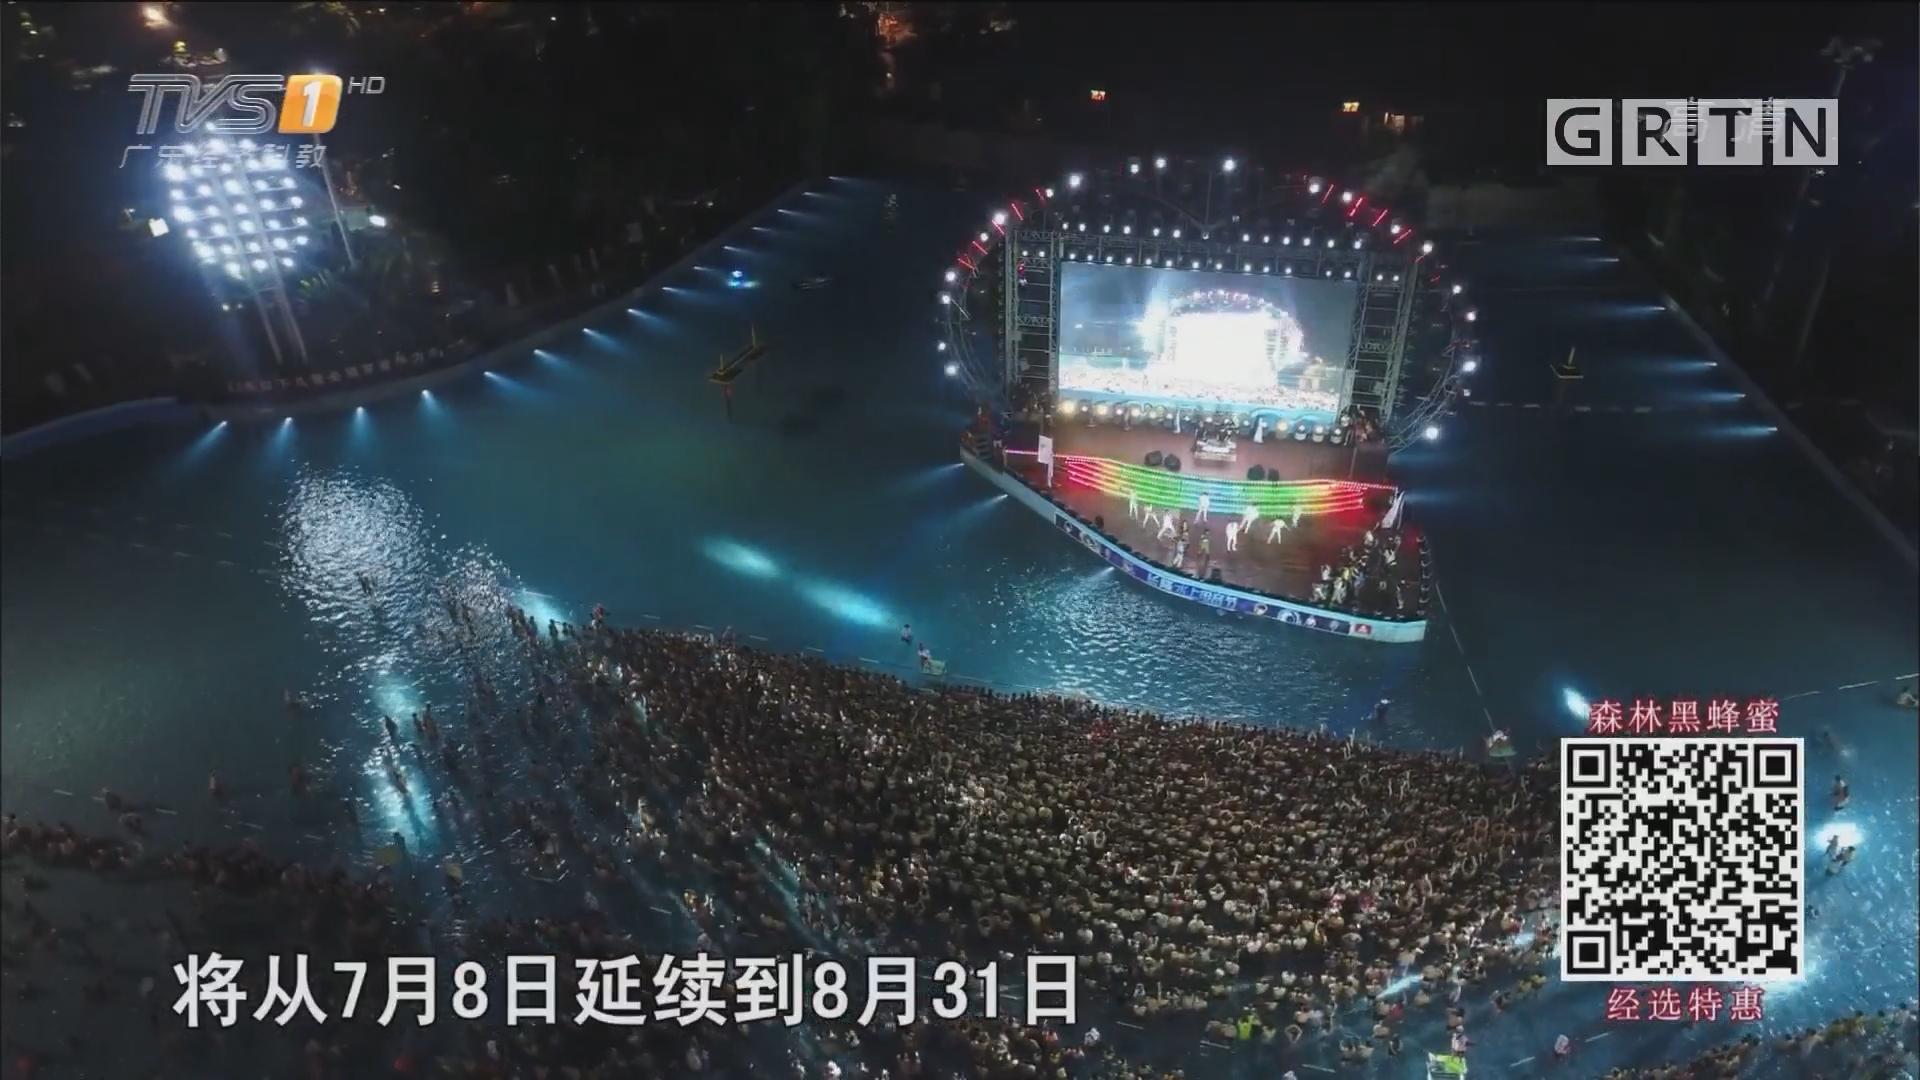 嗨翻天!长隆打造全球唯一的水上电音派对